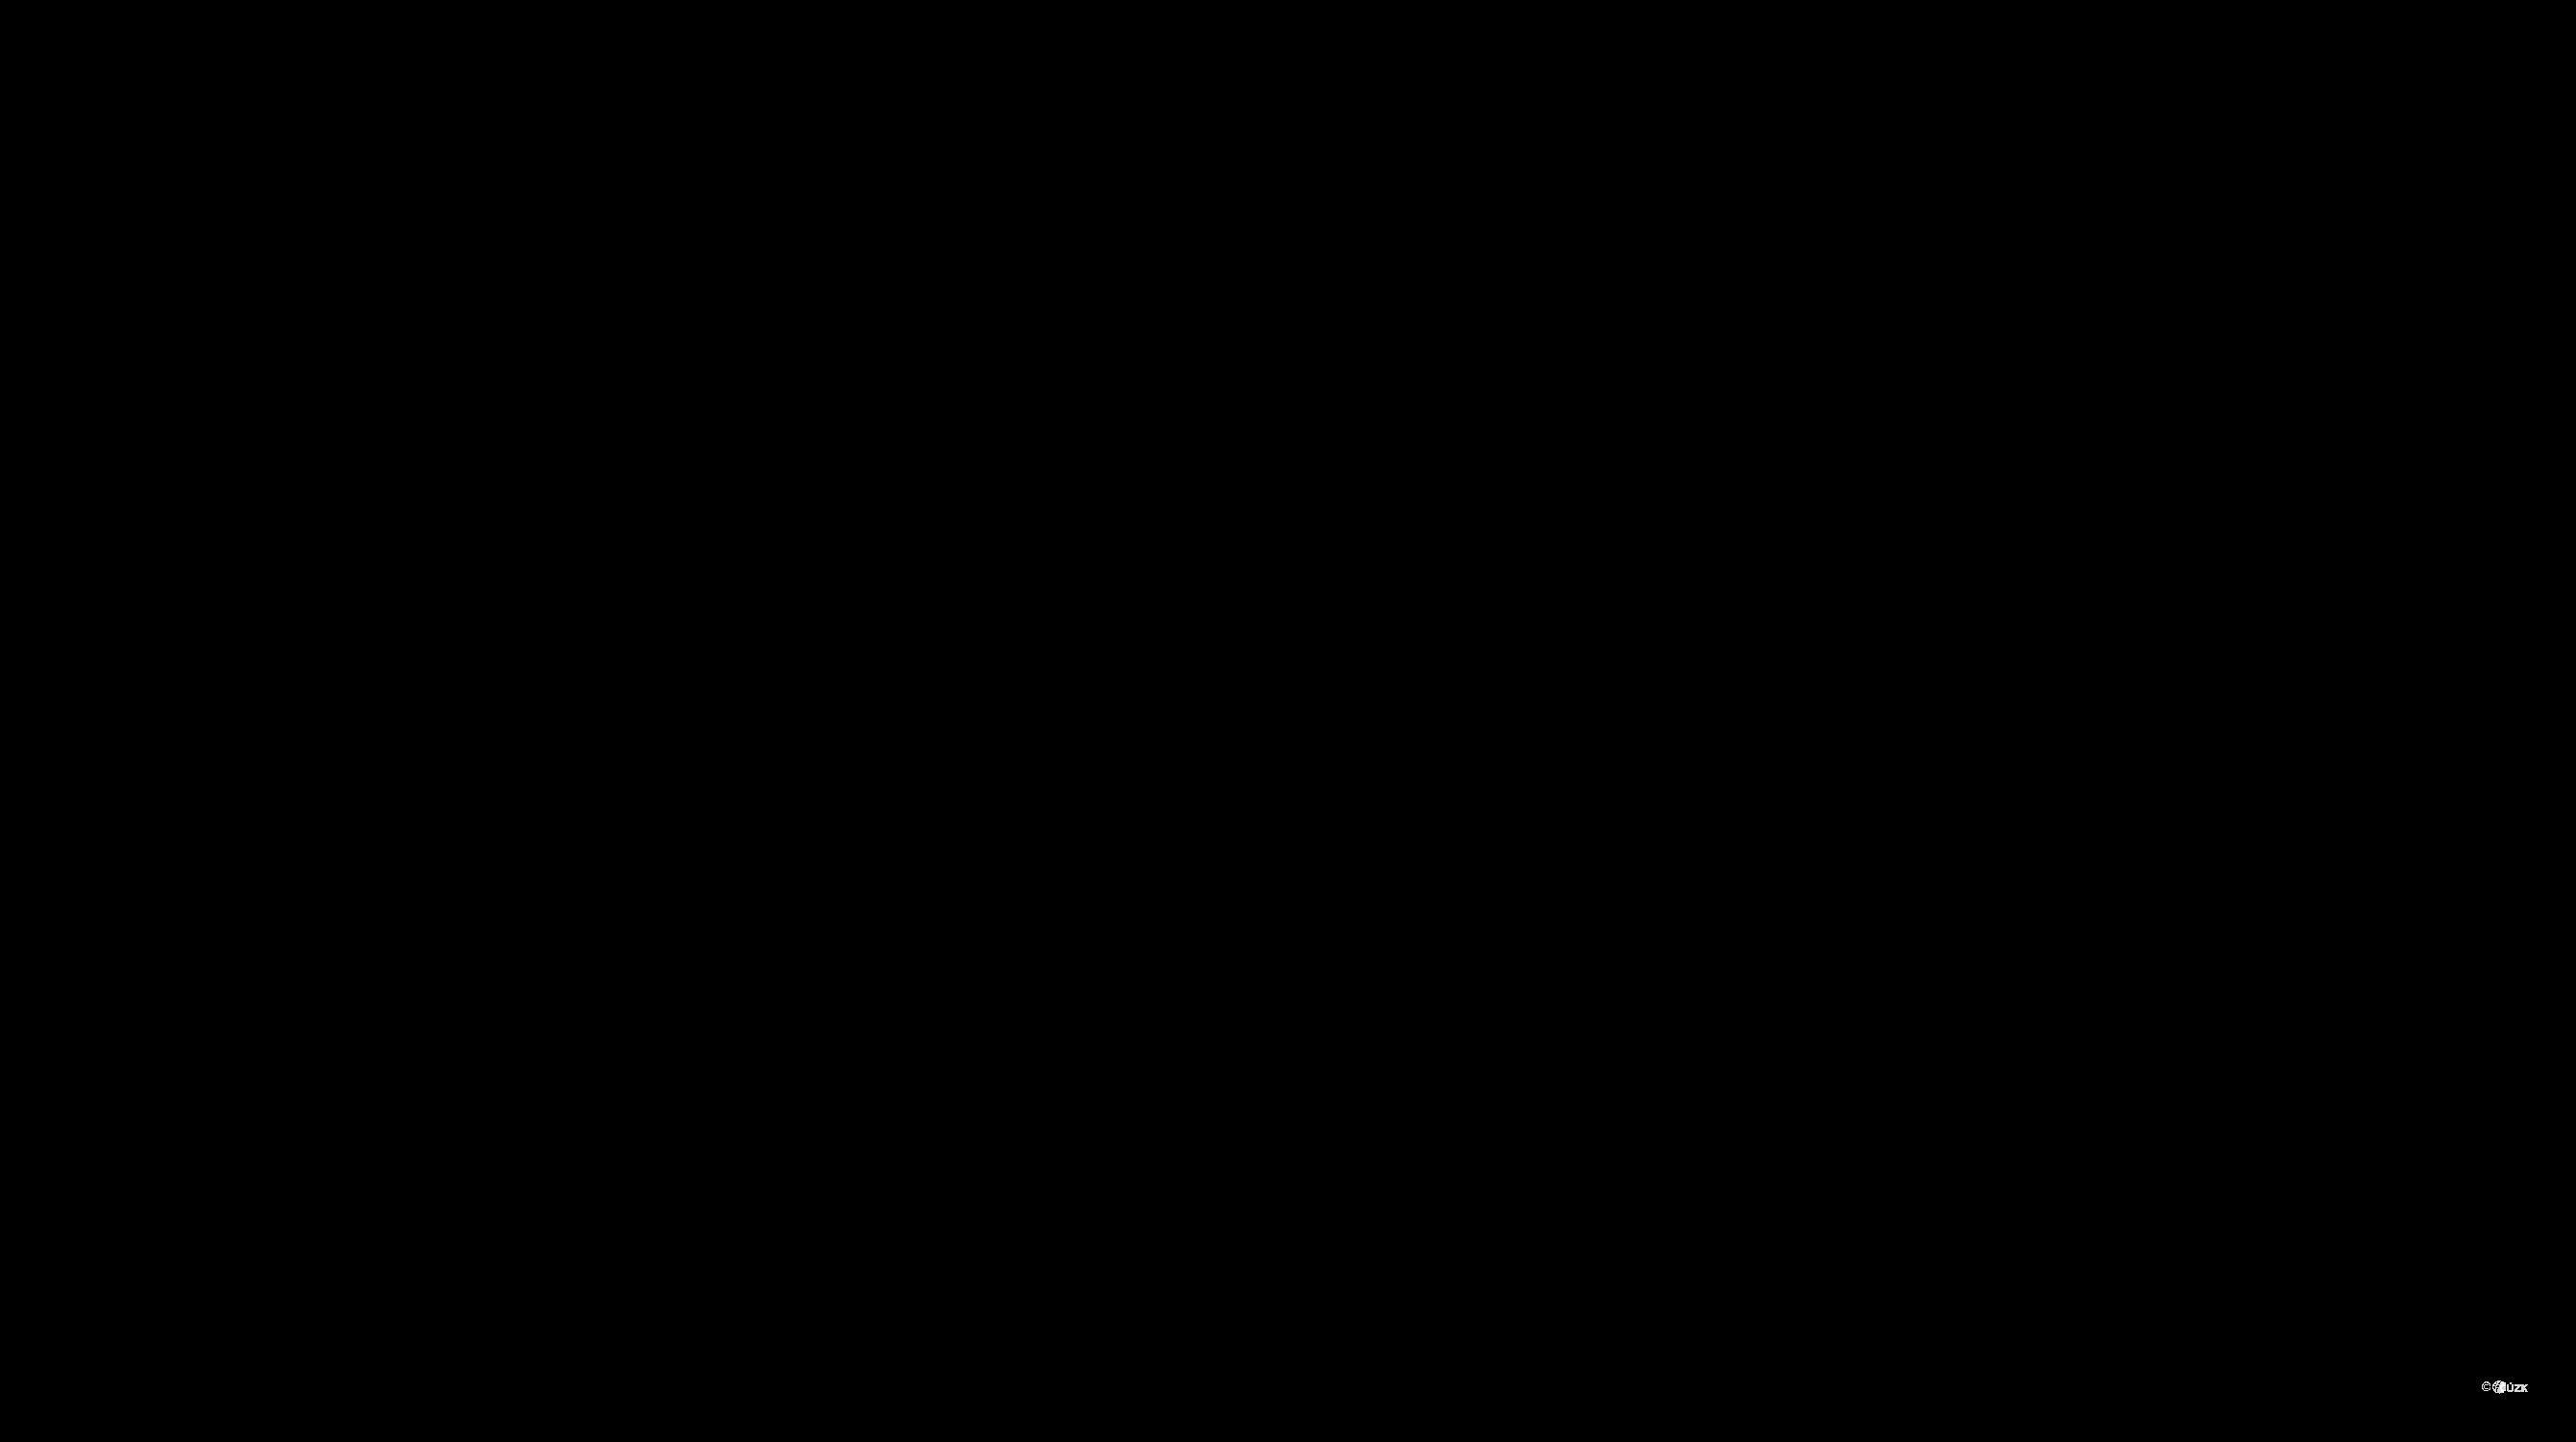 Katastrální mapa pozemků a čísla parcel Velký Dřevíč